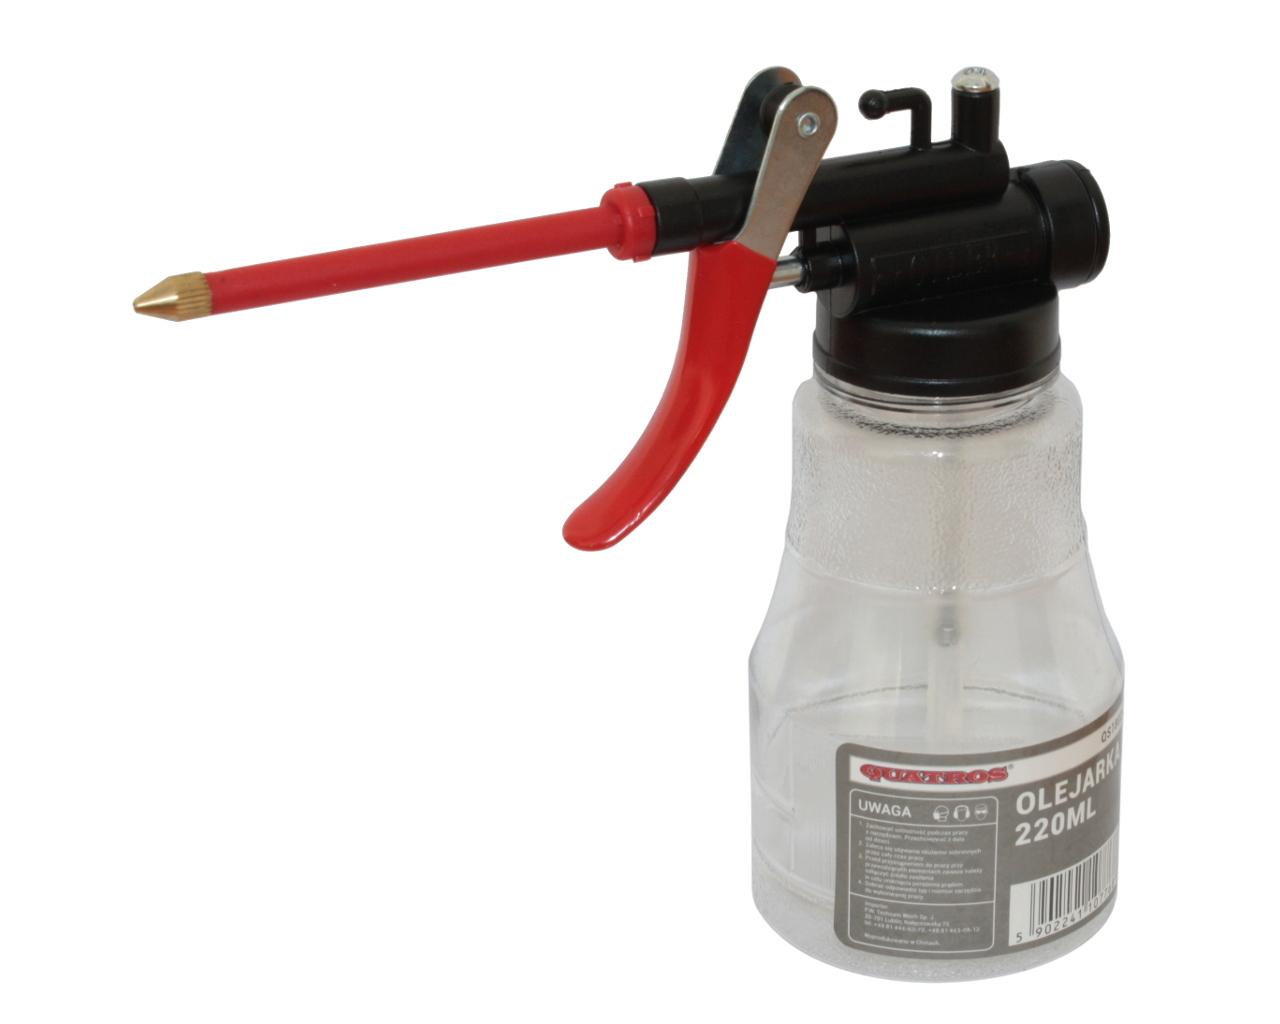 Olejnička 220 ml, hubice 75 mm - QUATROS QS18022